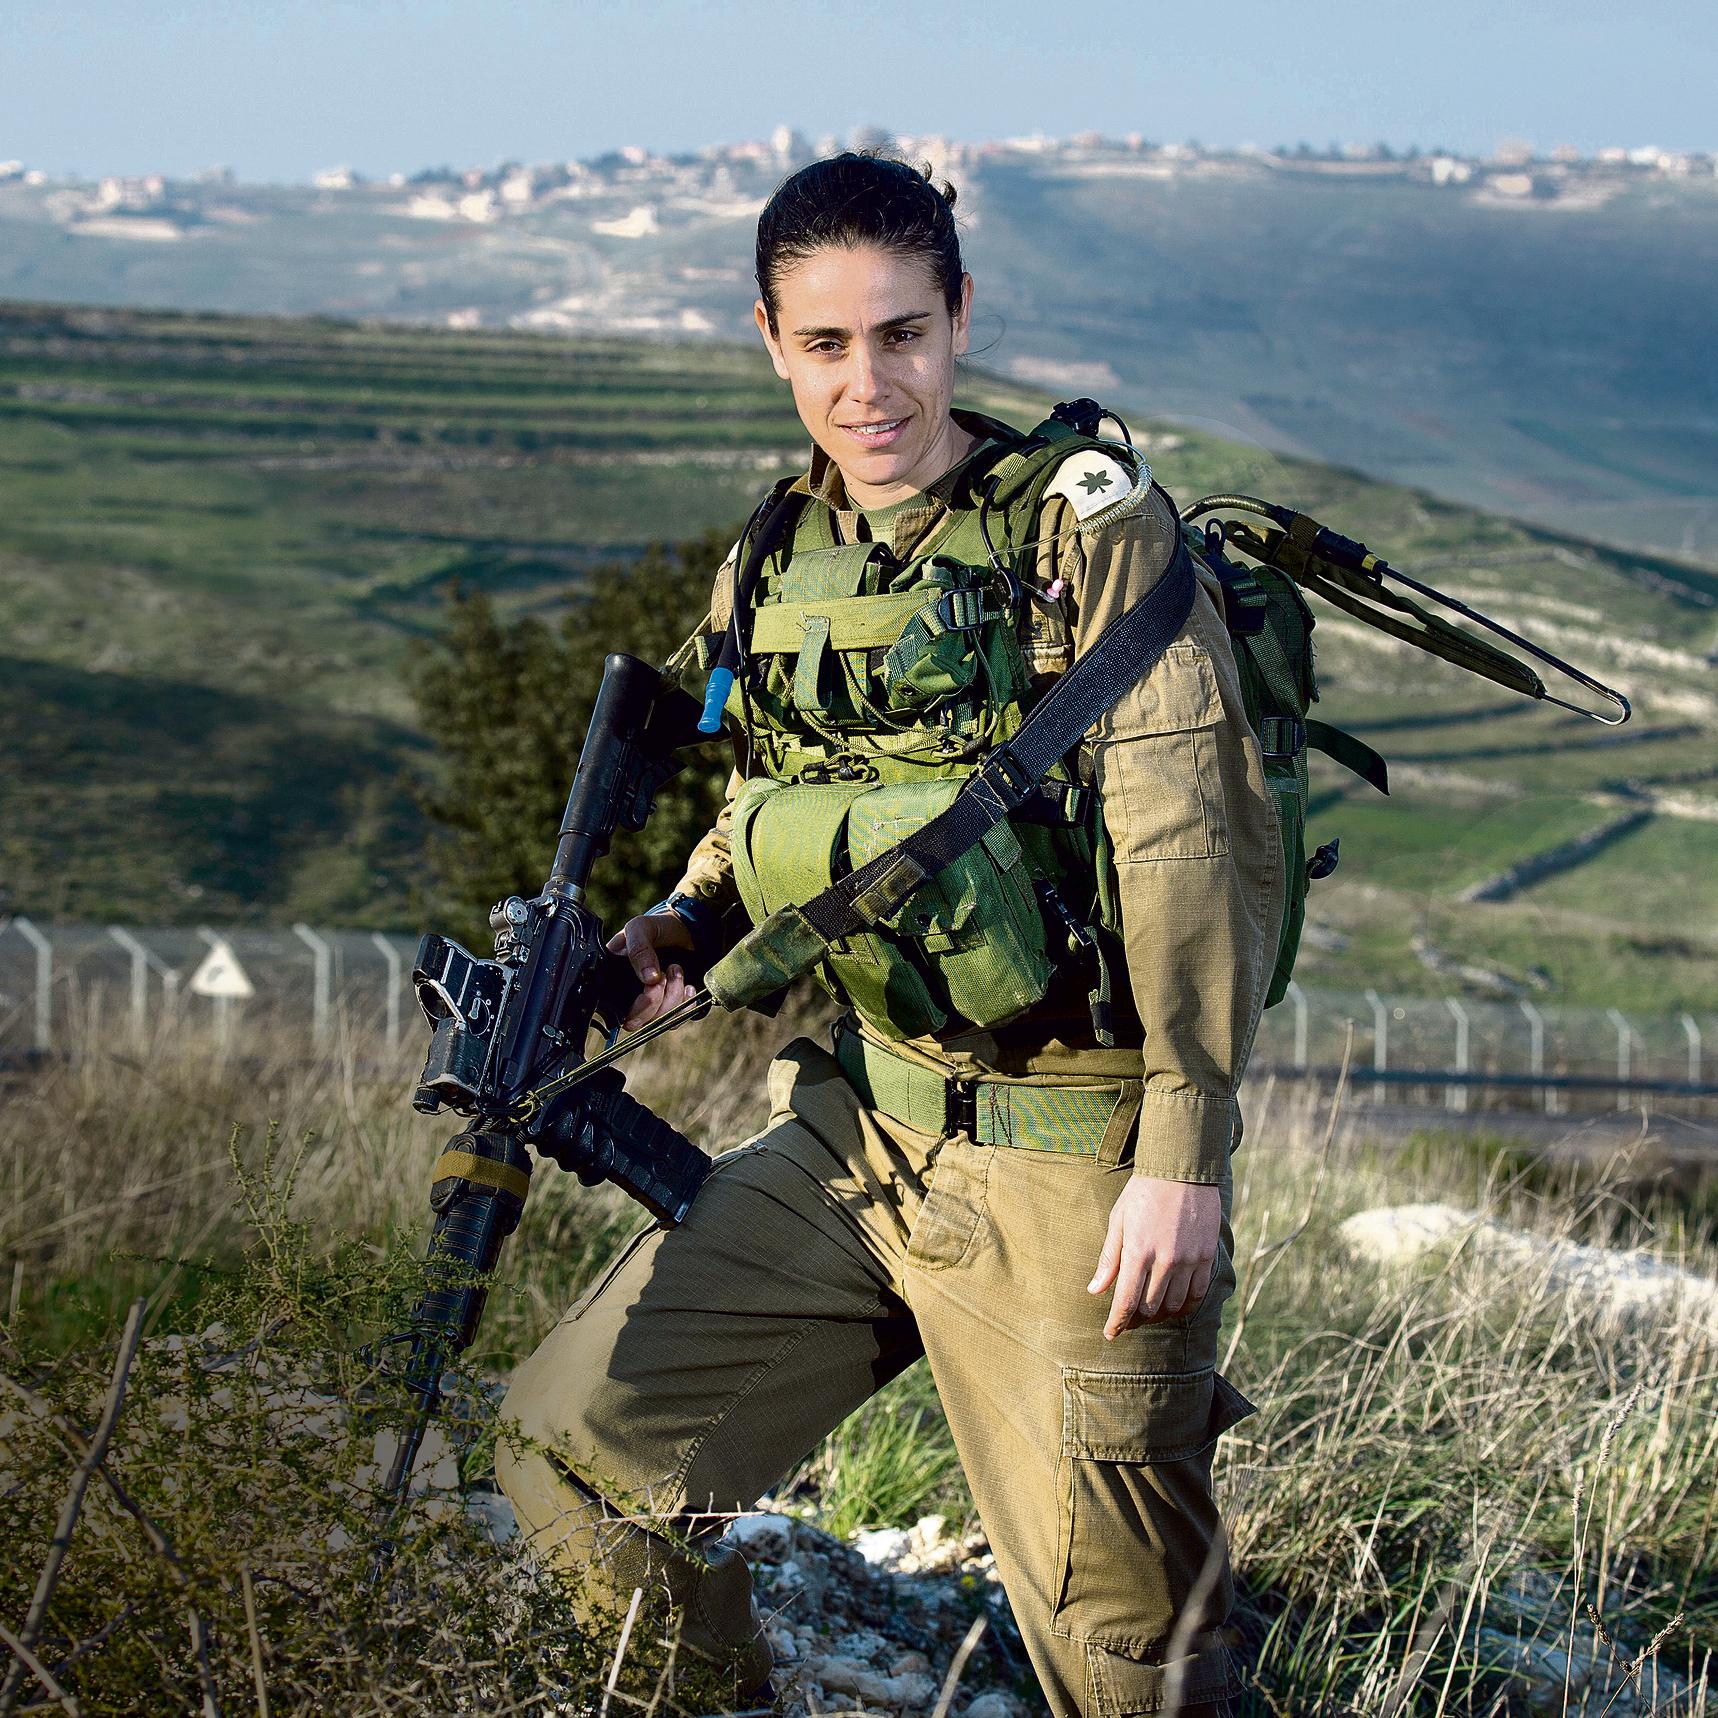 Maj. Dana Ben-Ezra (Photo: Efi Shrir)